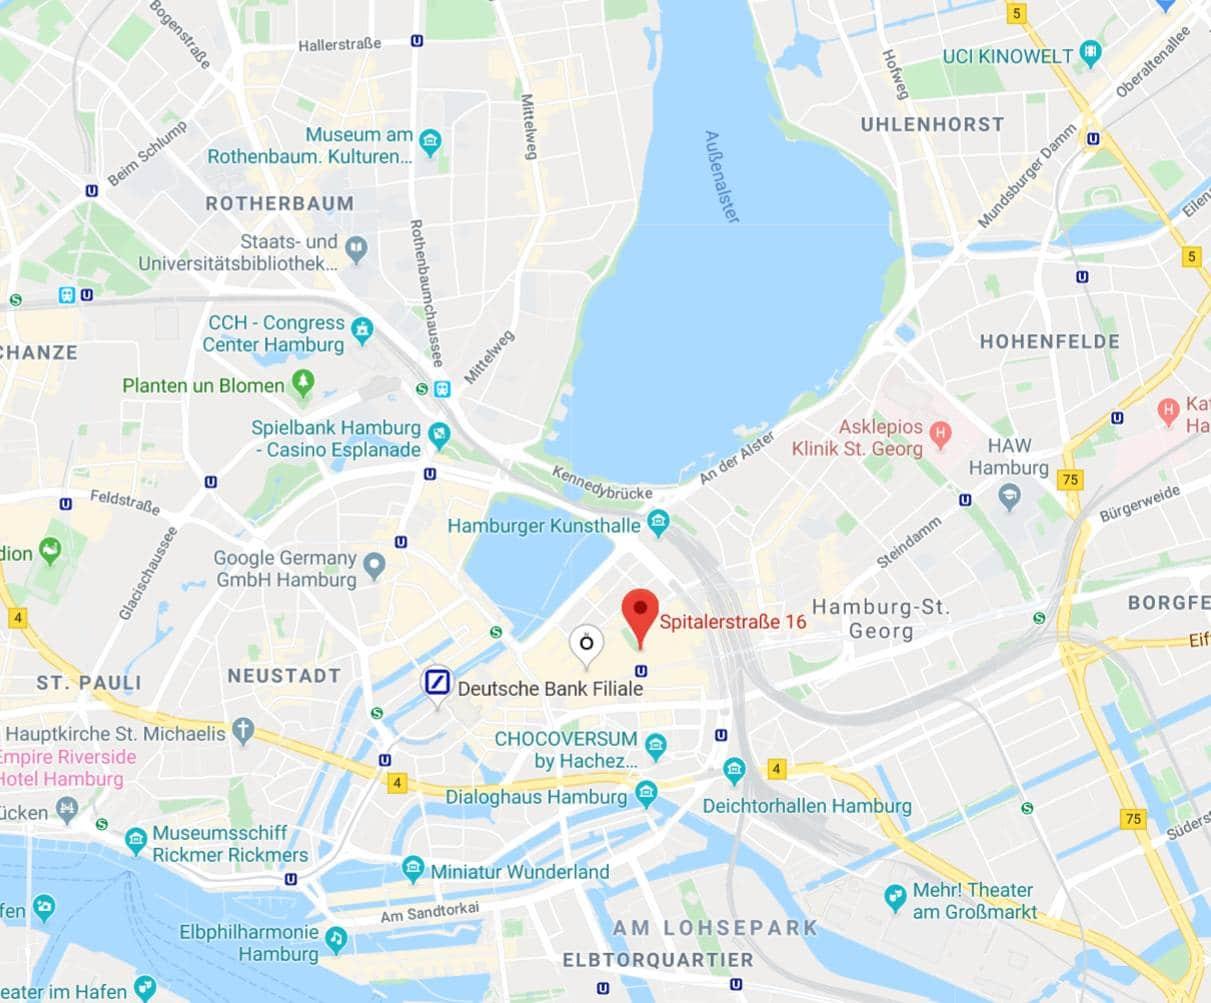 Sitz der Cronbach GmbH in Hamburg